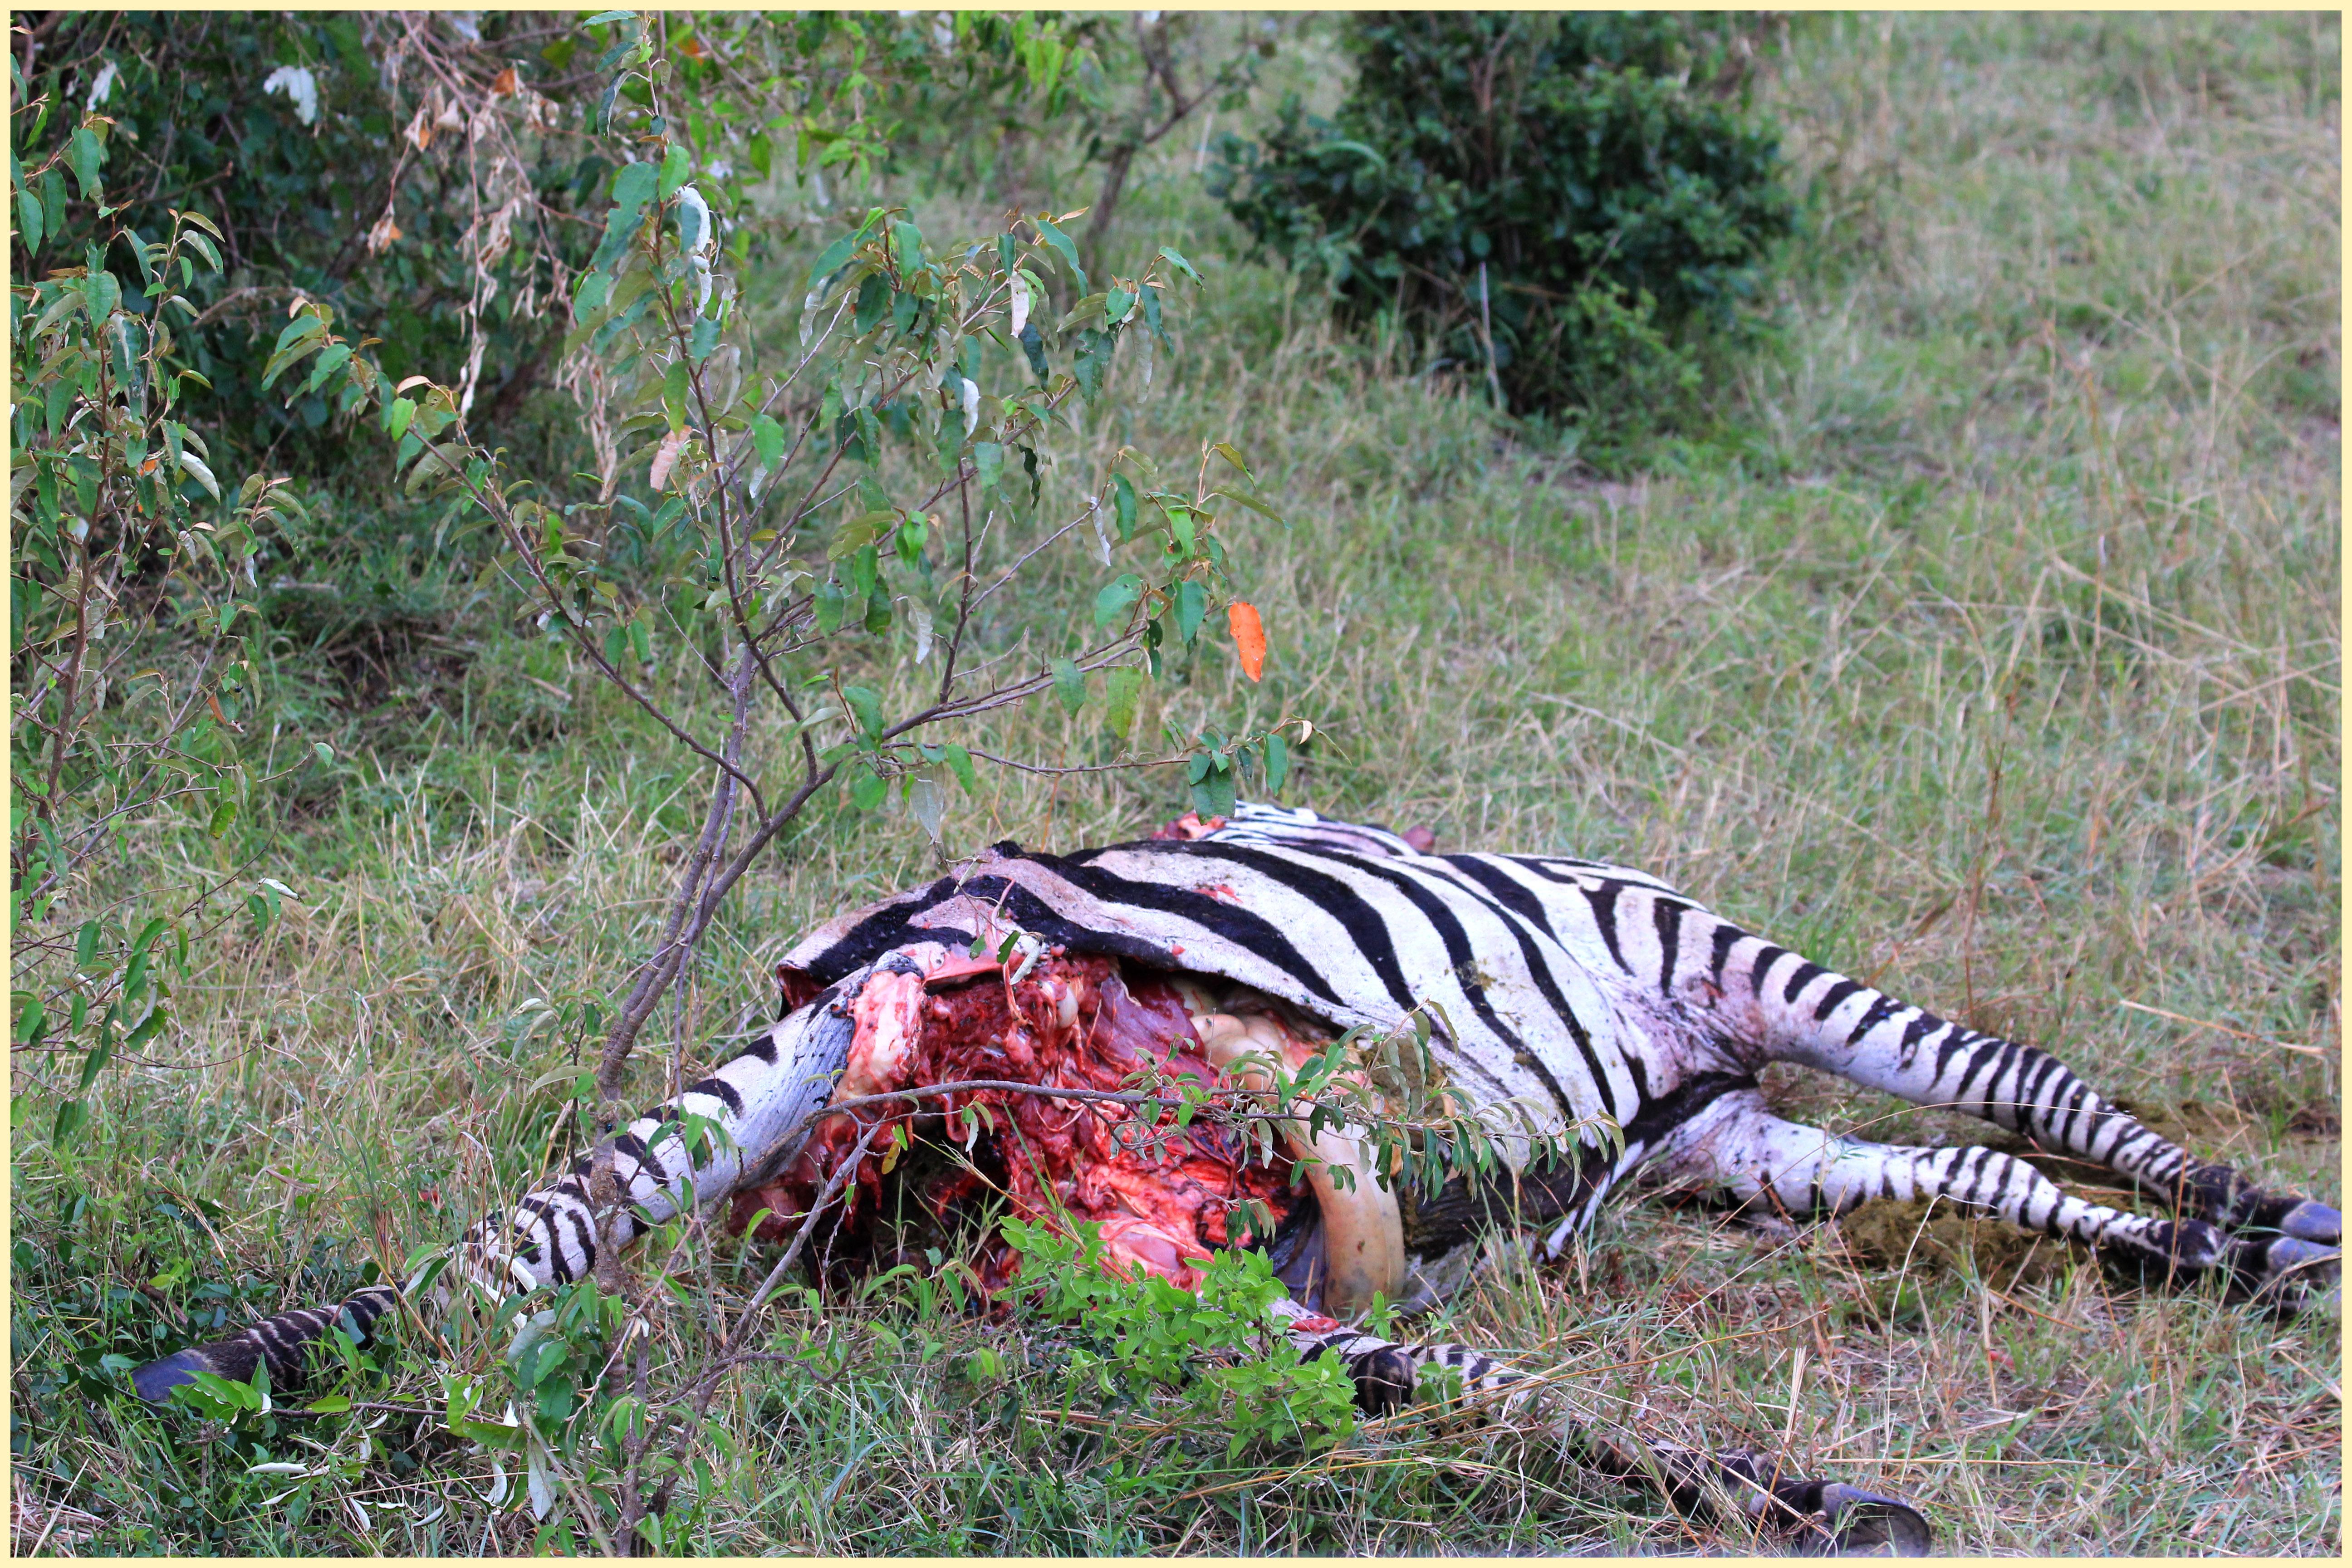 Img Crocodile Eats Zebra